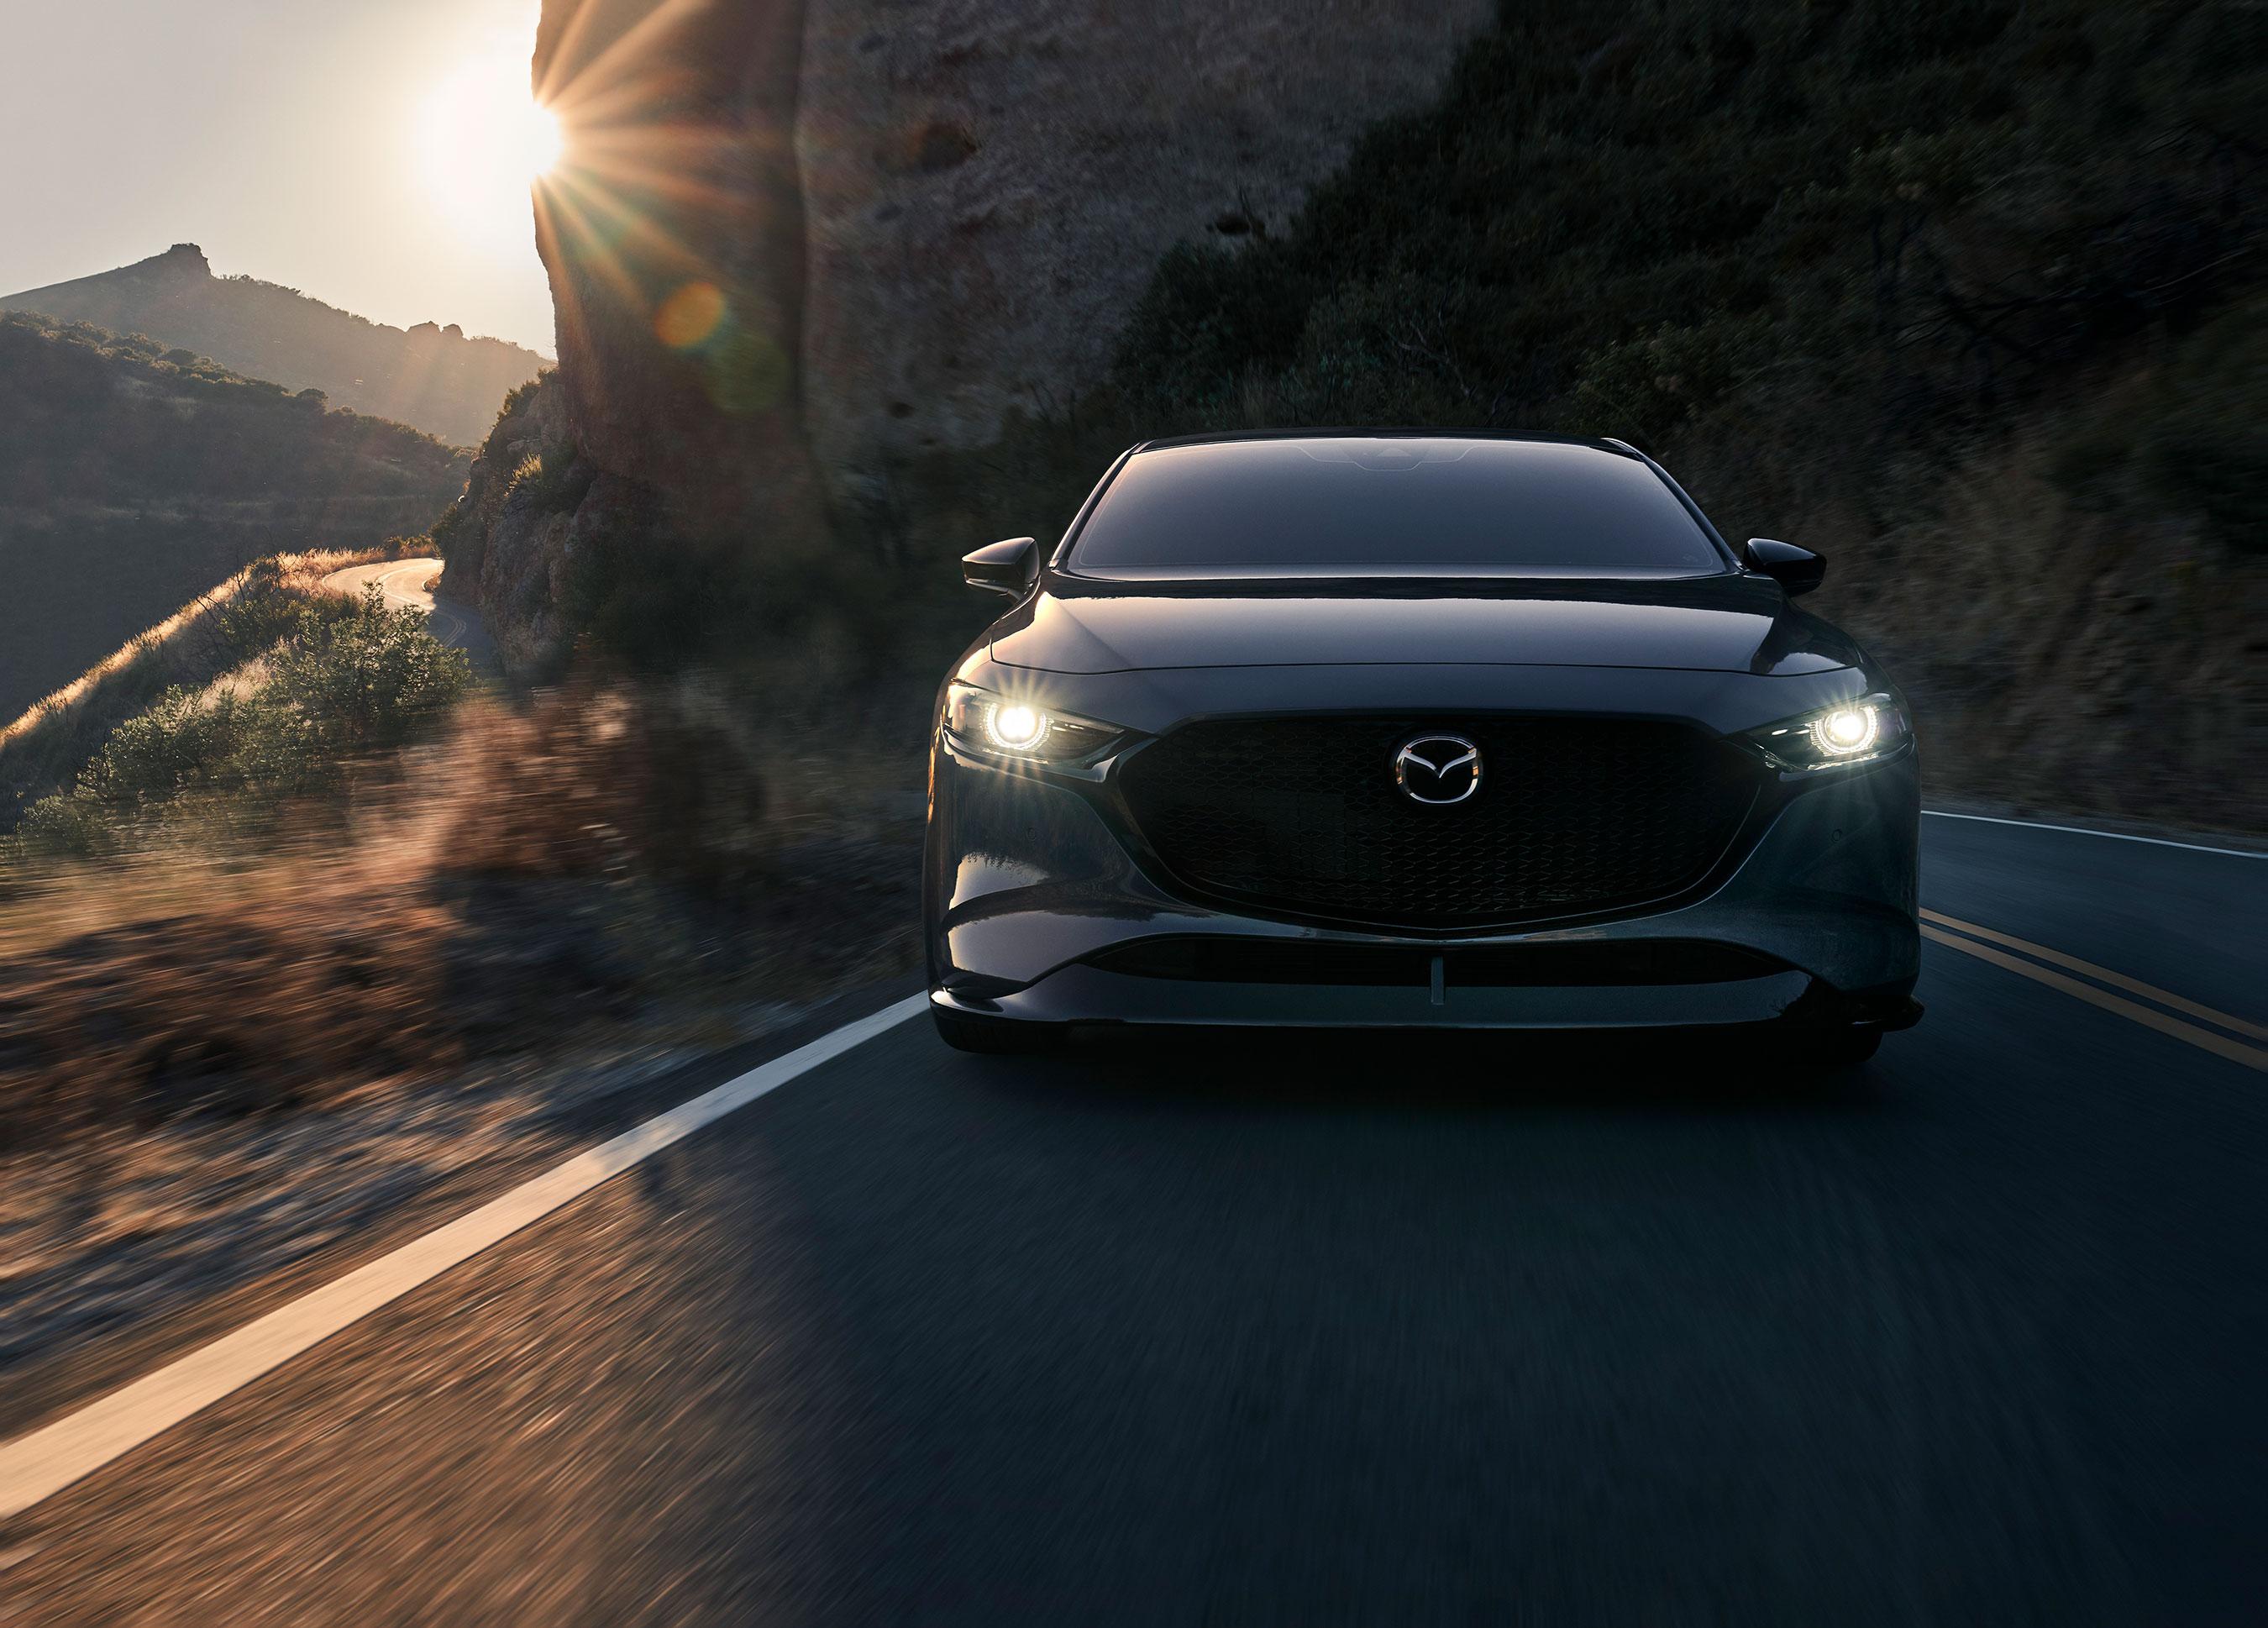 The 2021 Mazda3 2.5 Turbo